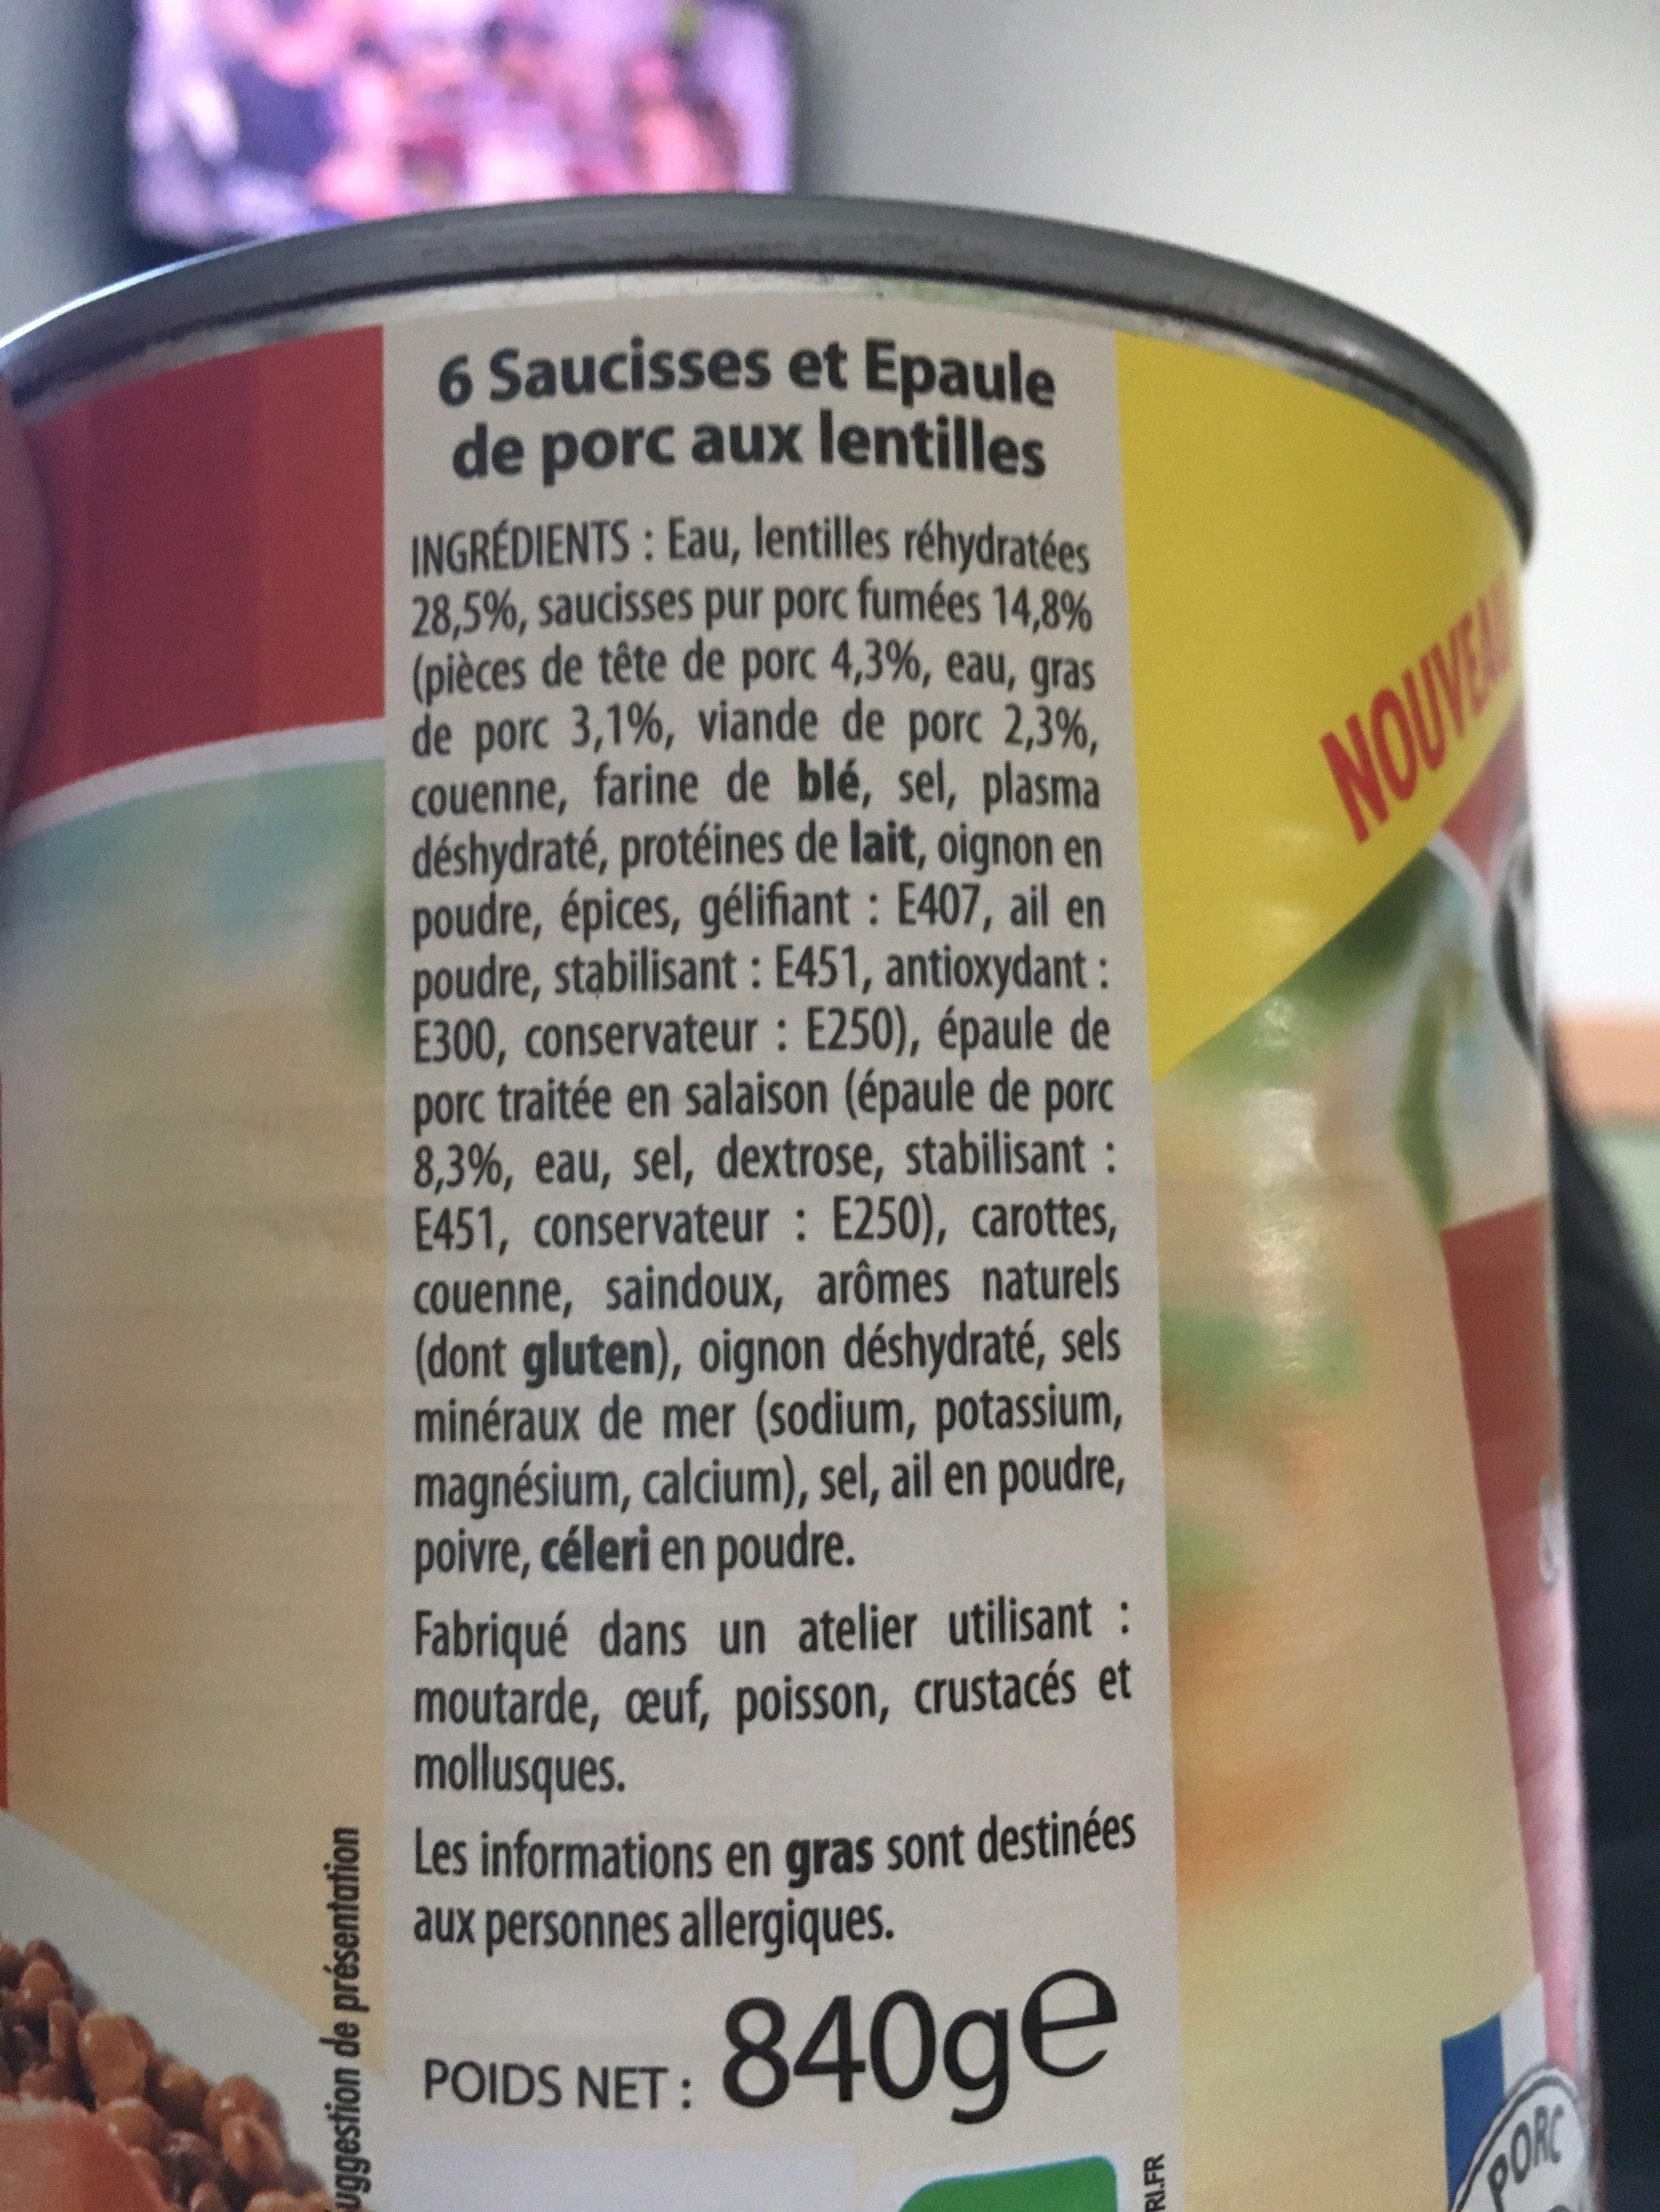 Saucisses et épaule de porc aux lentilles - Inhaltsstoffe